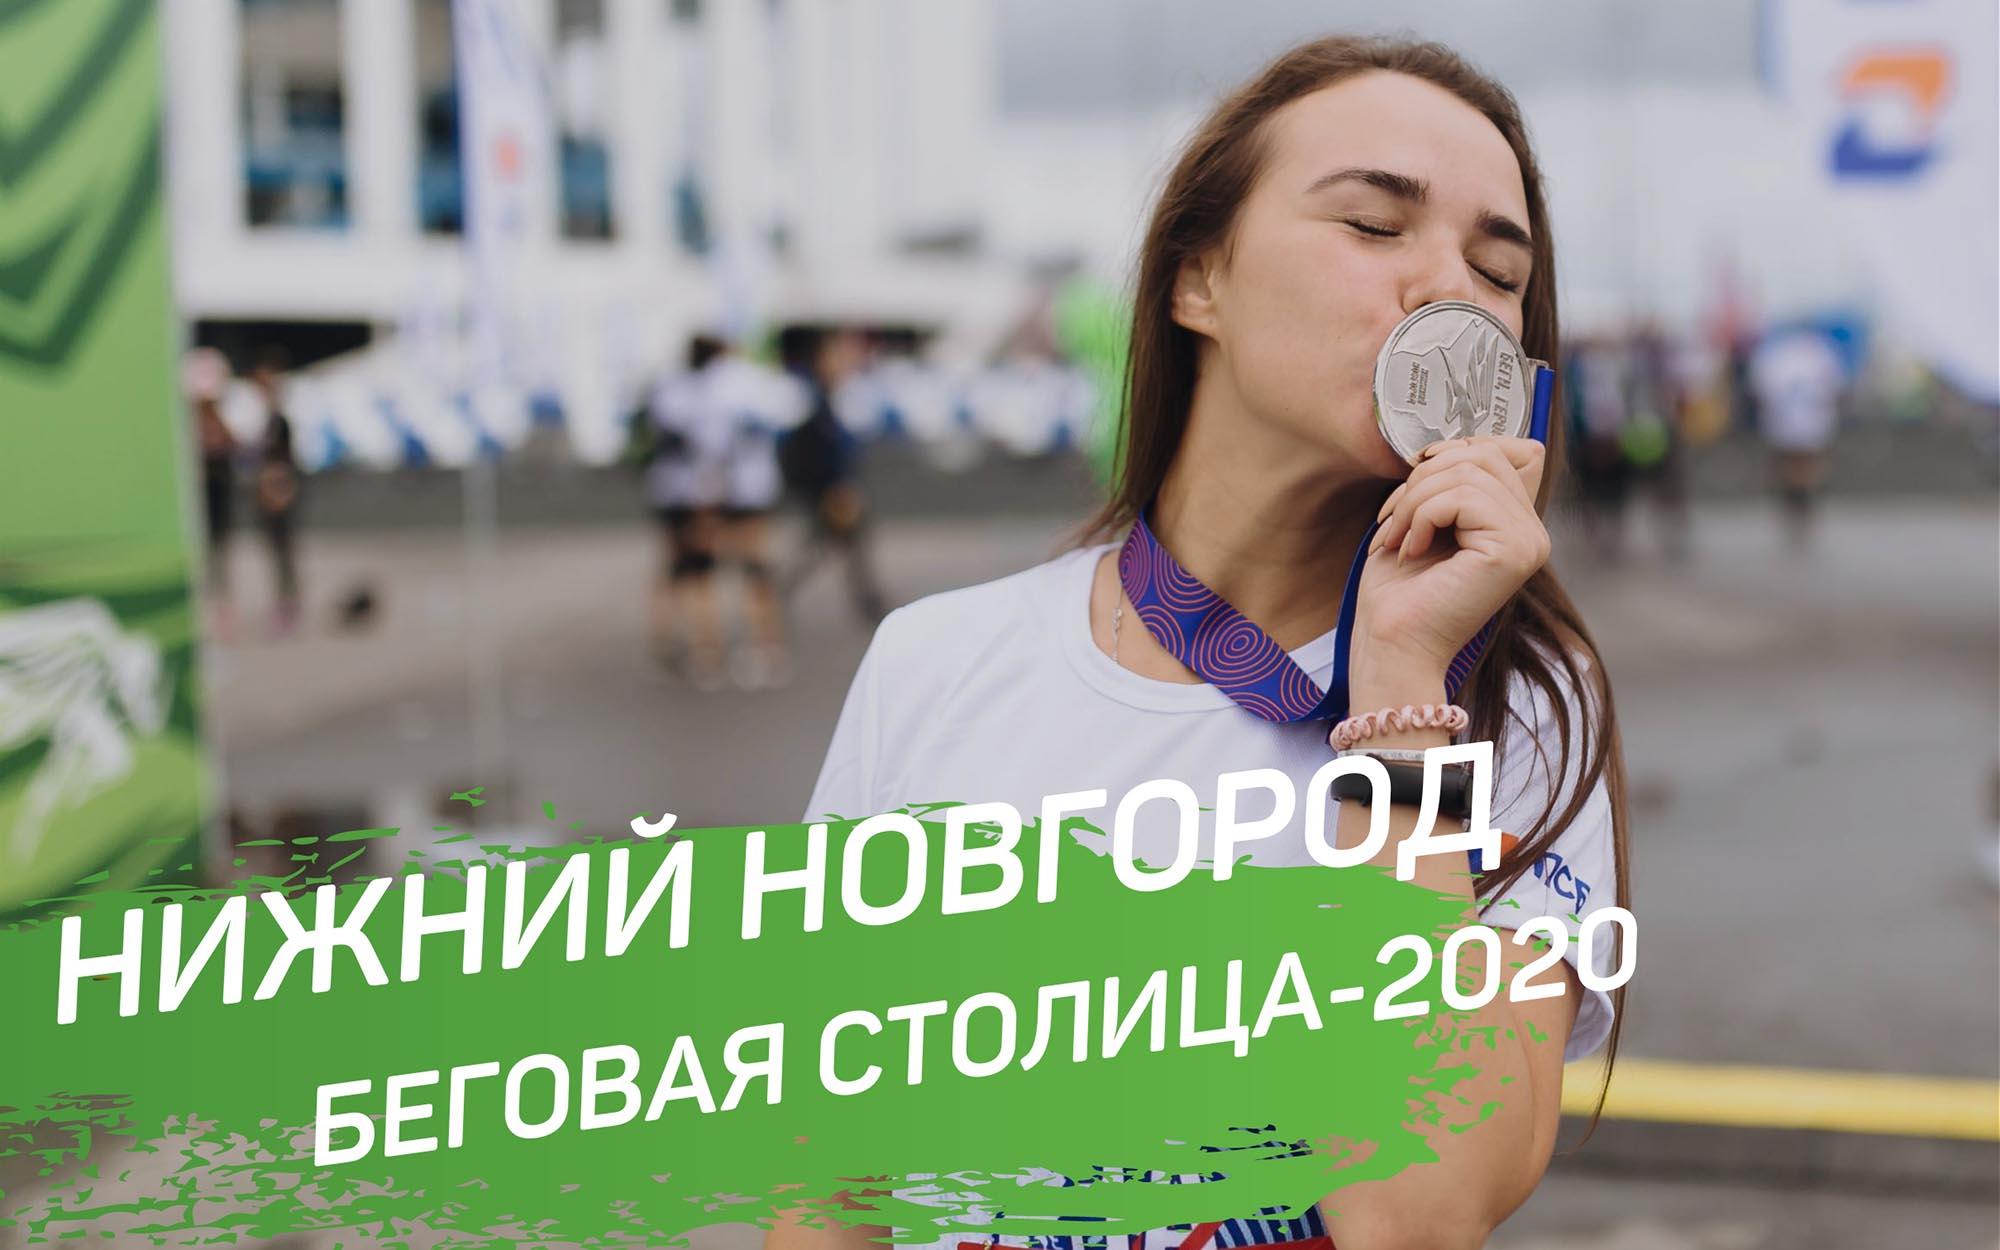 Нижний Новгород завоевал титул России «Беговая столица»